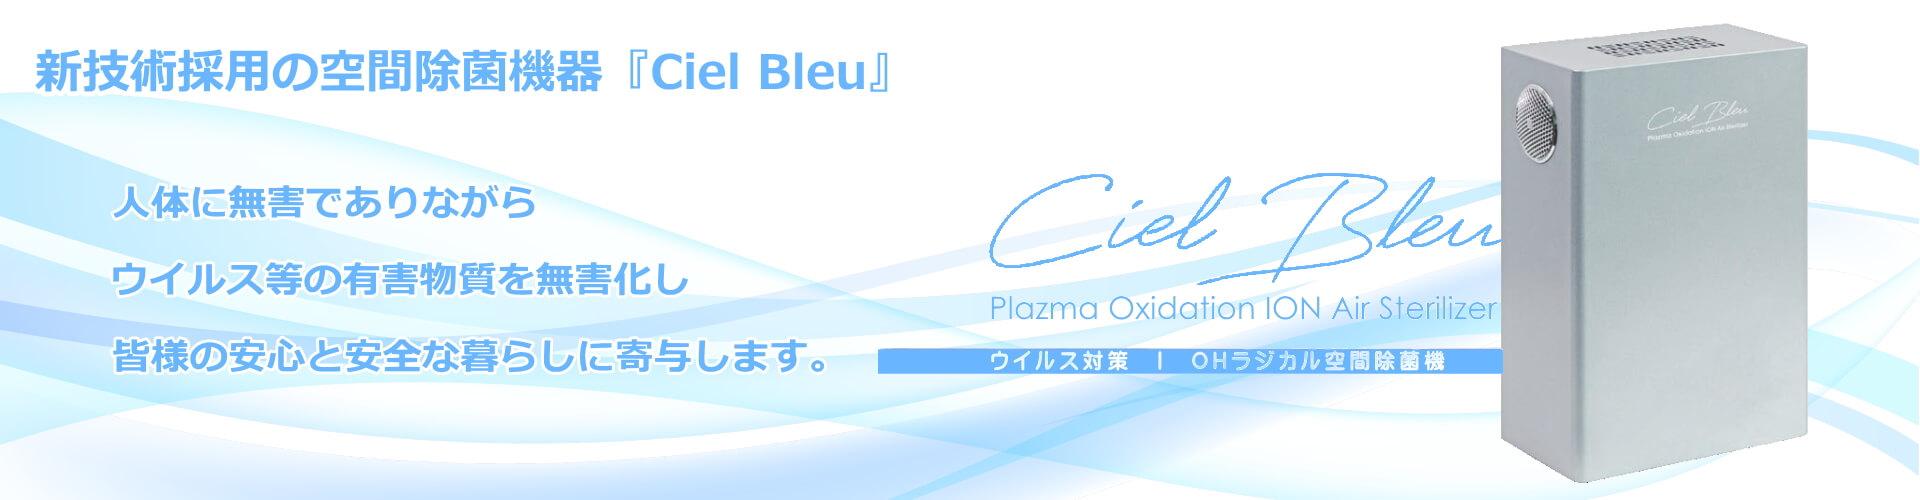 新技術採用の空間除菌機器『Ciel Bleu』